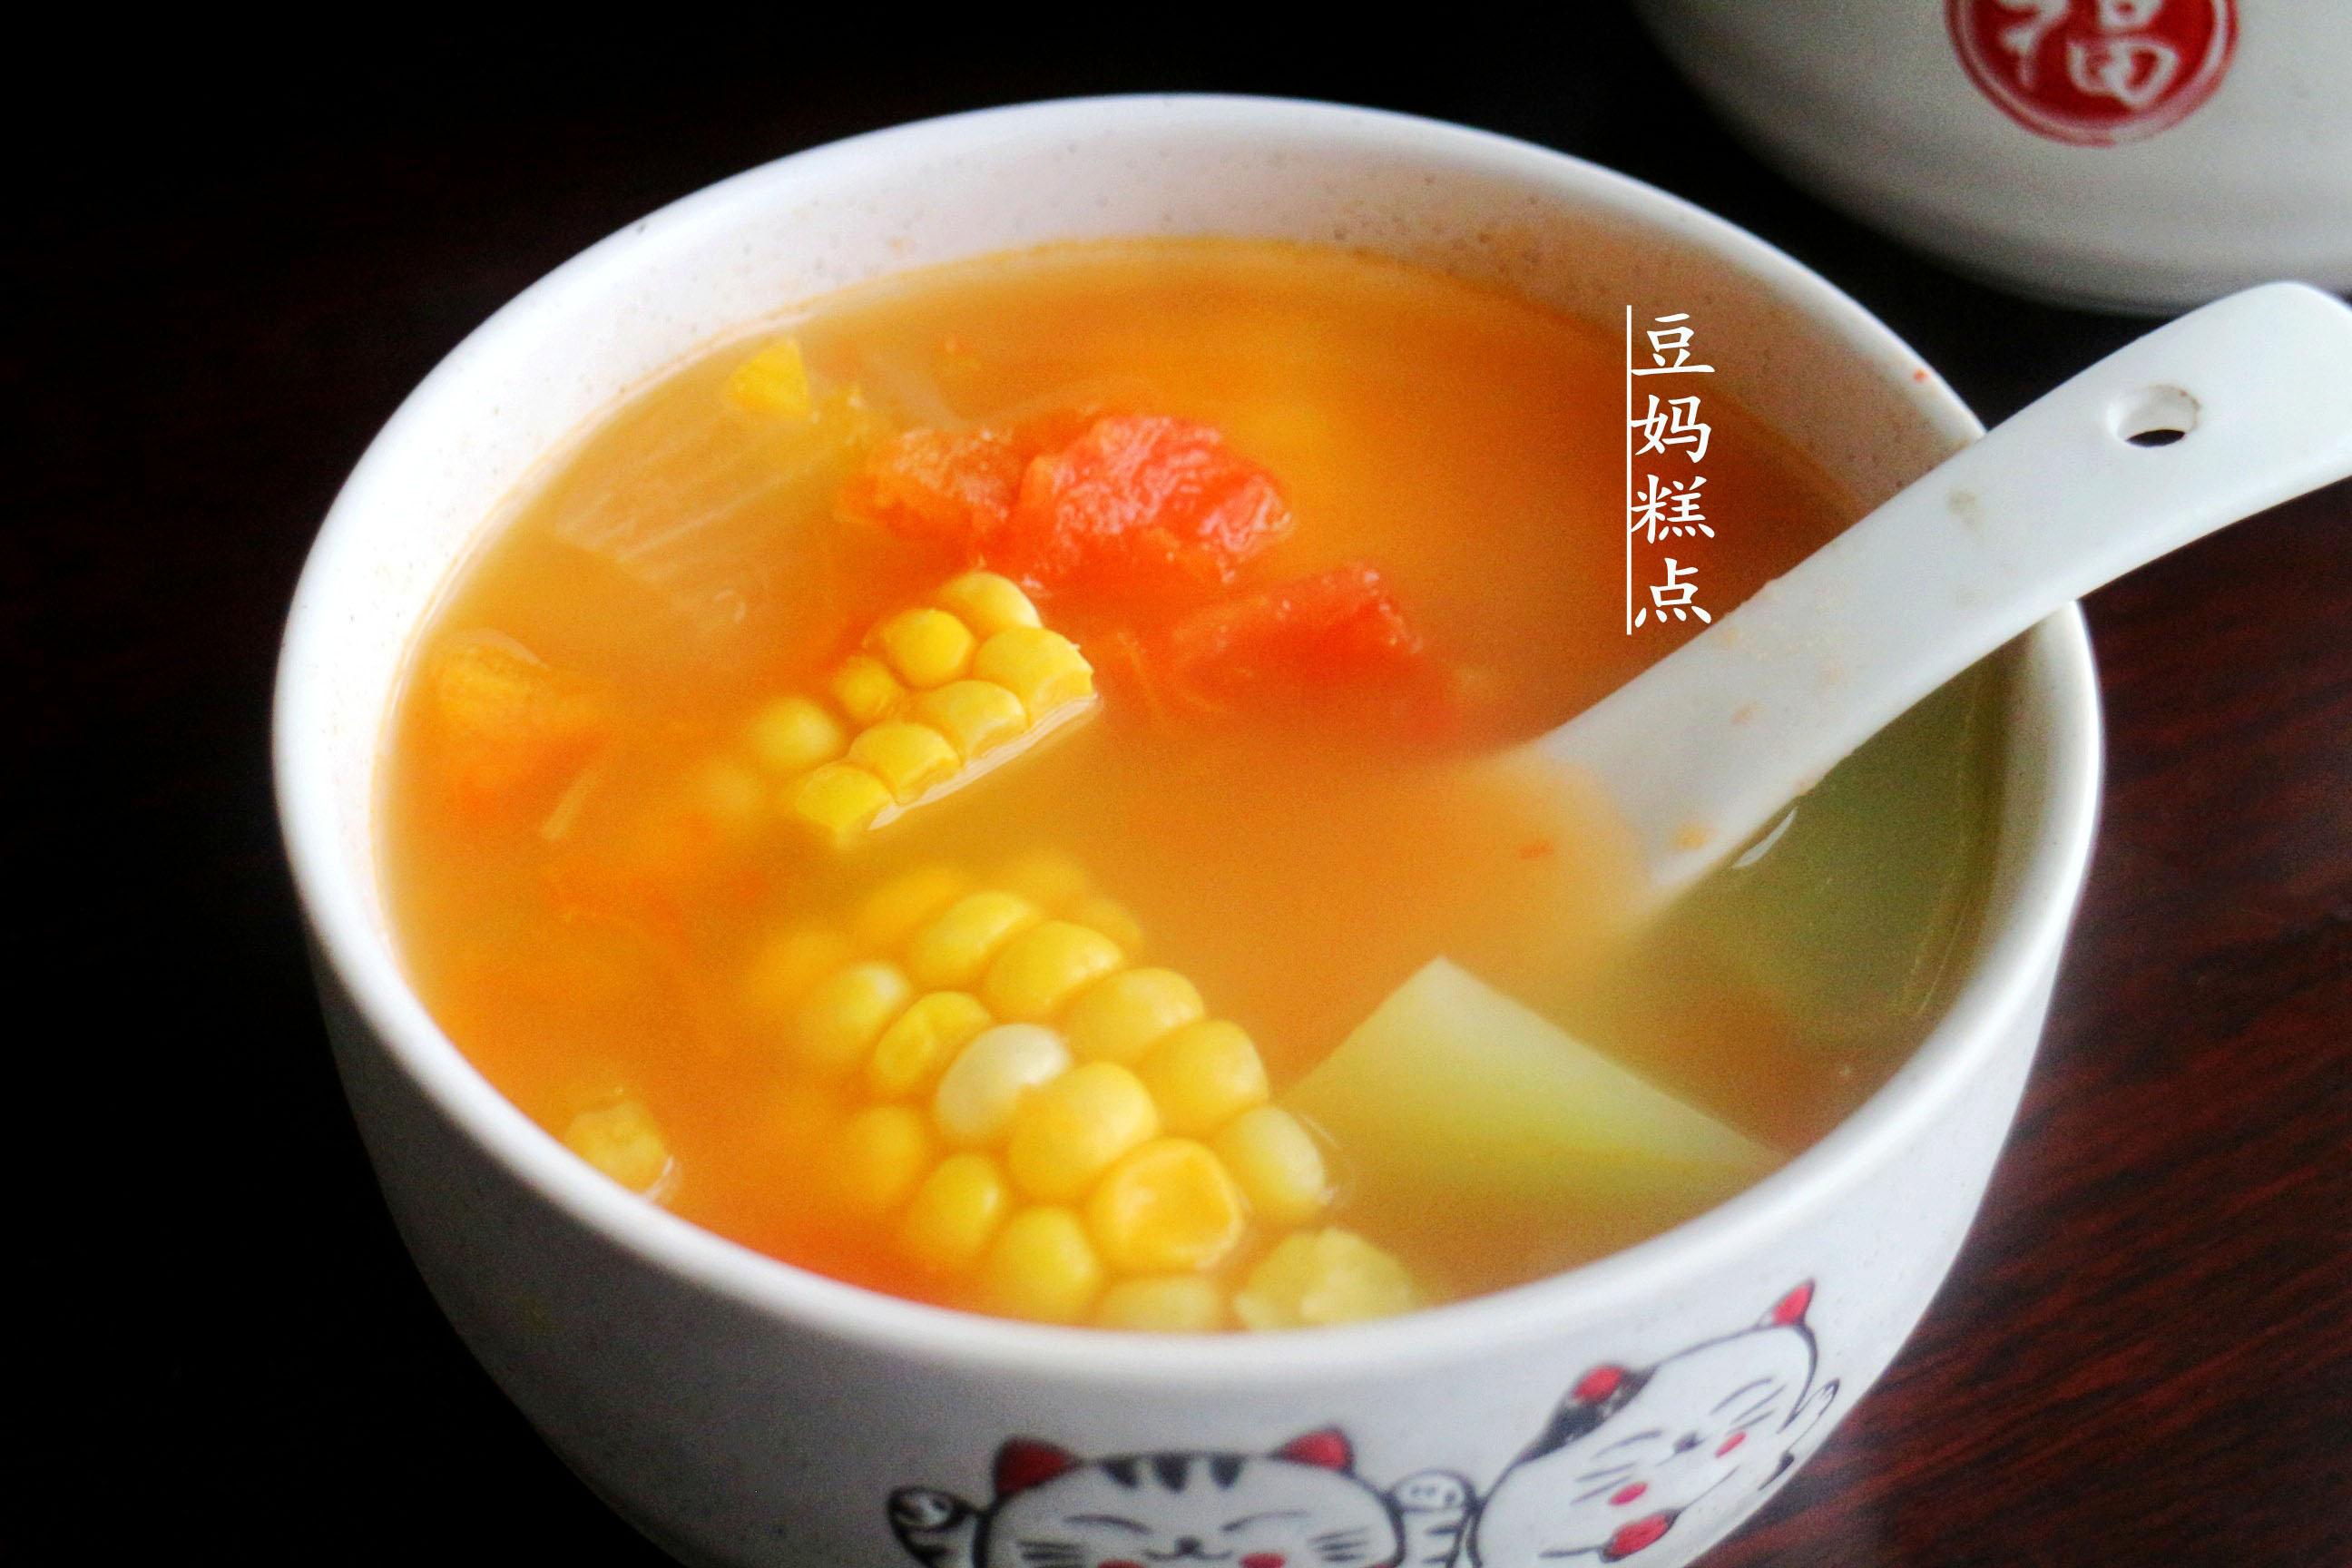 学做瘦身蔬菜汤,健康瘦身,营养不缺 减肥菜谱 第10张